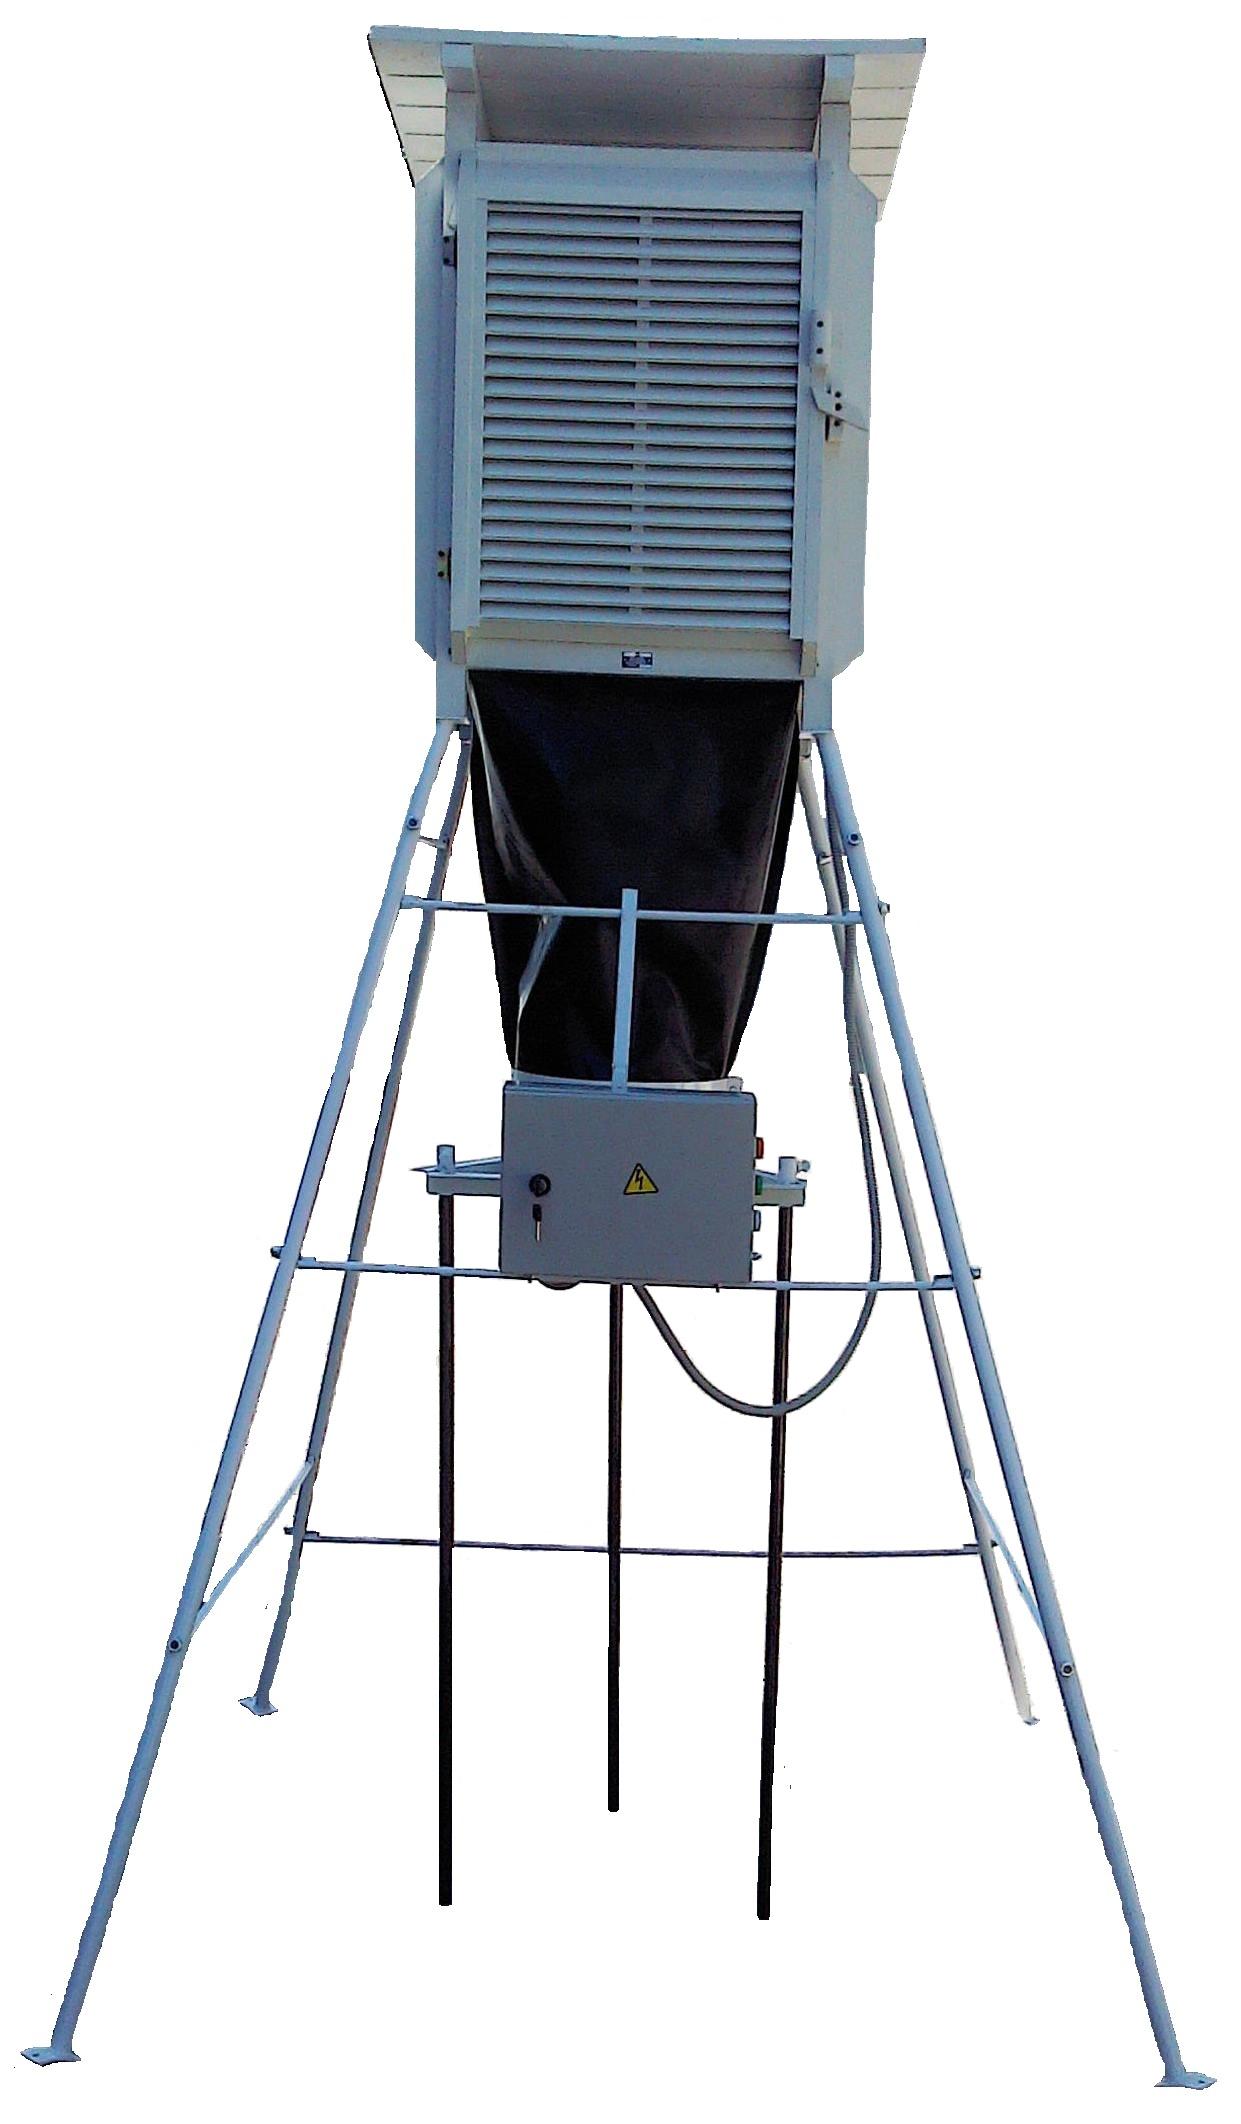 Будка аэрологическая А-51 вентилируемая (комплект)